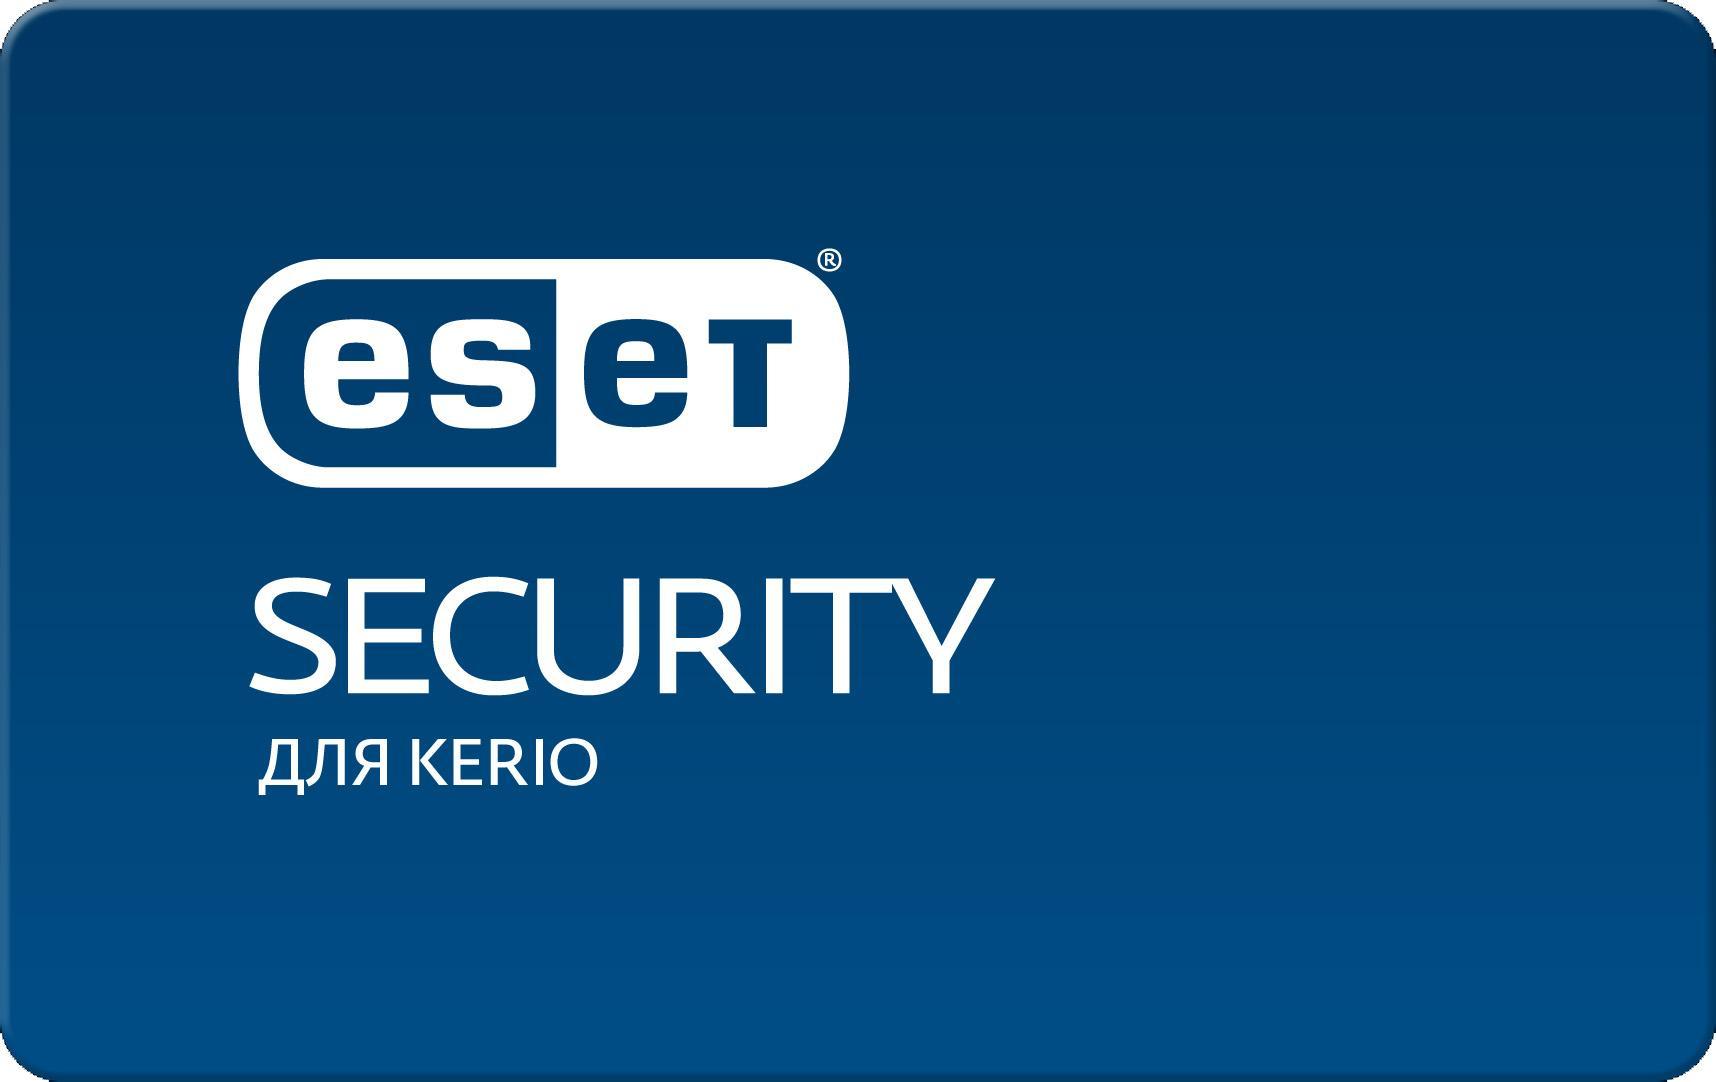 Защита почтовых серверов и интернет-шлюзов Eset Security для Kerio  для 11 пользователей